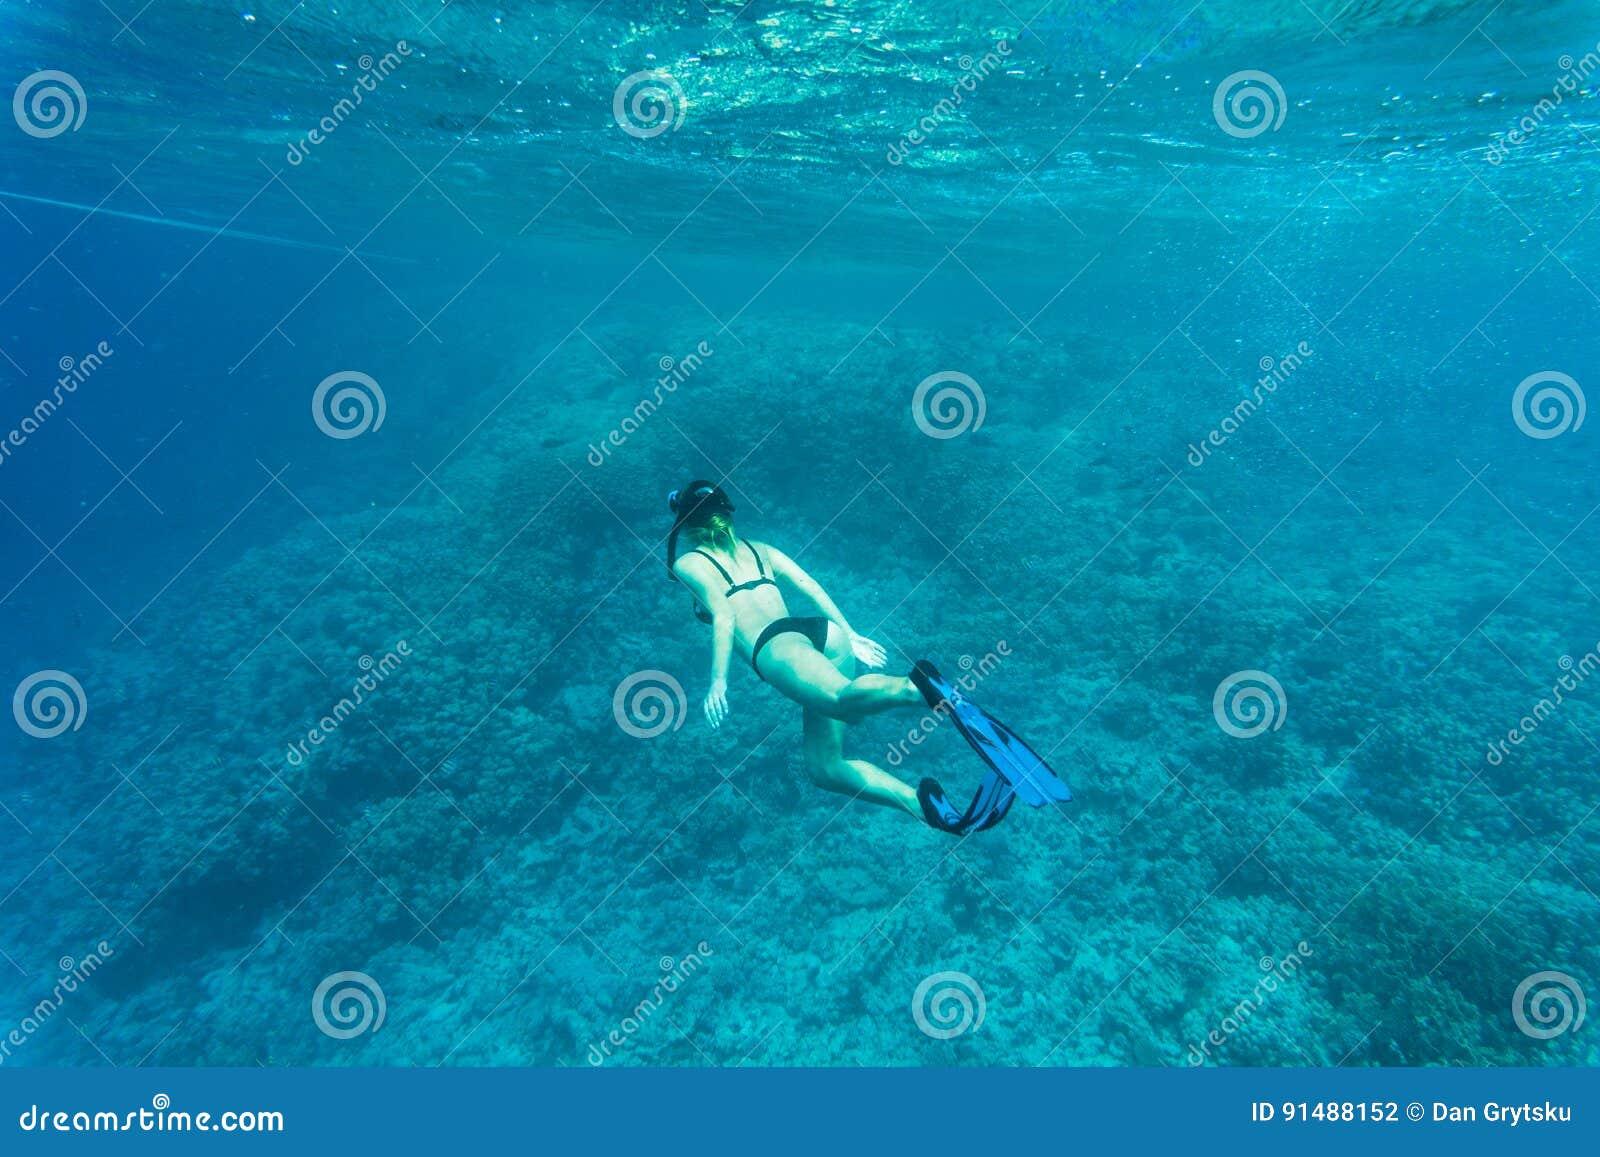 Mooi koraalrif met jonge freedivervrouw, het onderwaterleven Copyspace voor tekst